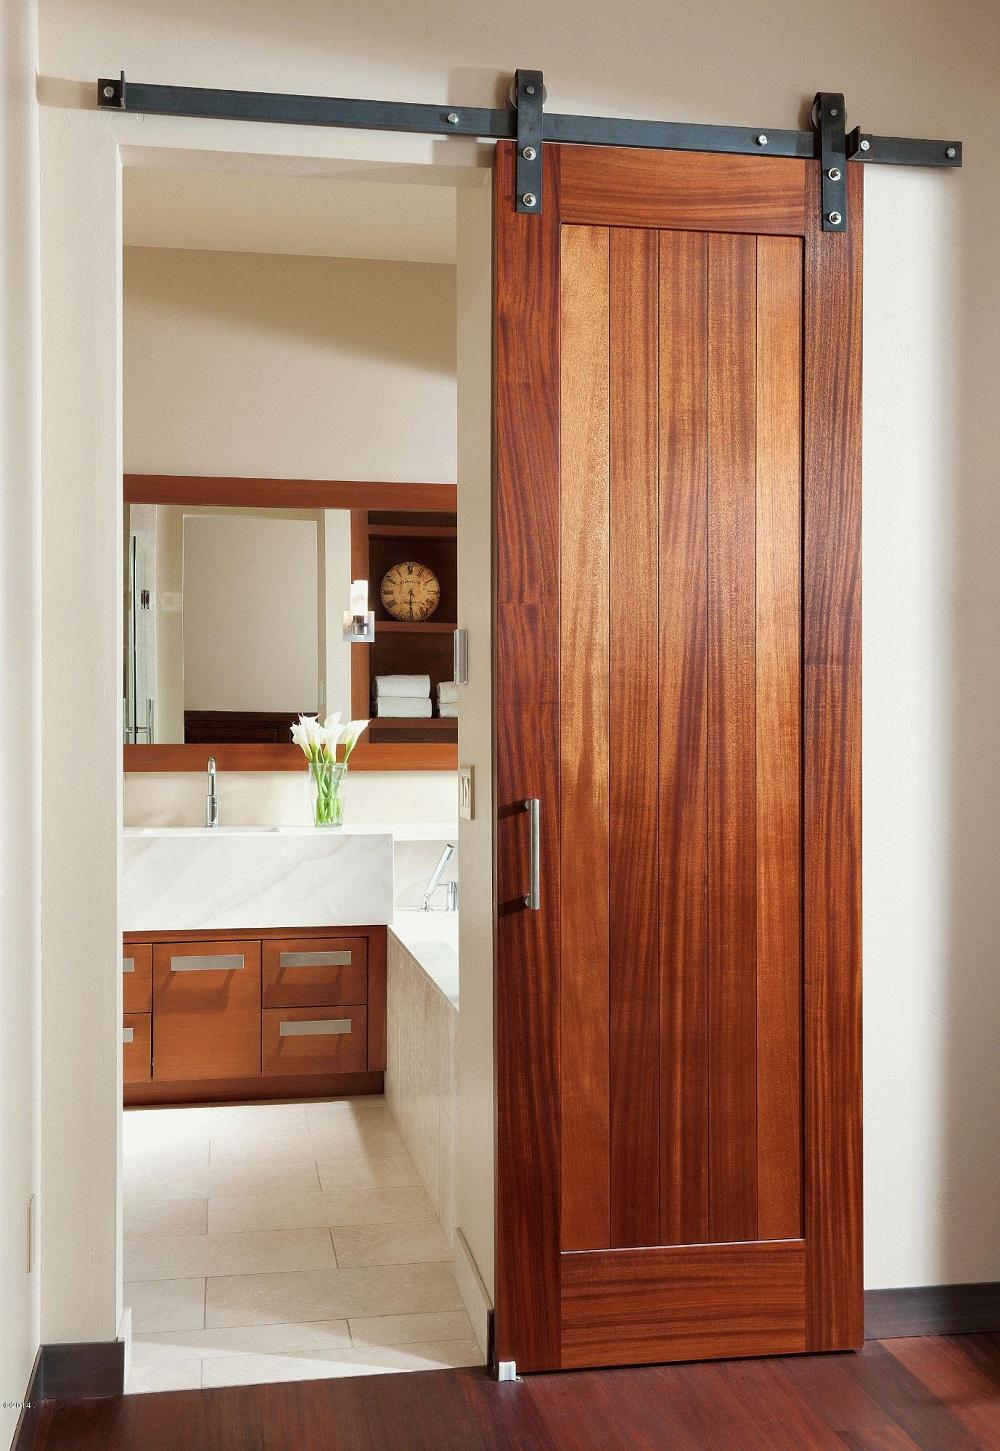 Porte coulissante étroite avec un grain de bois riche